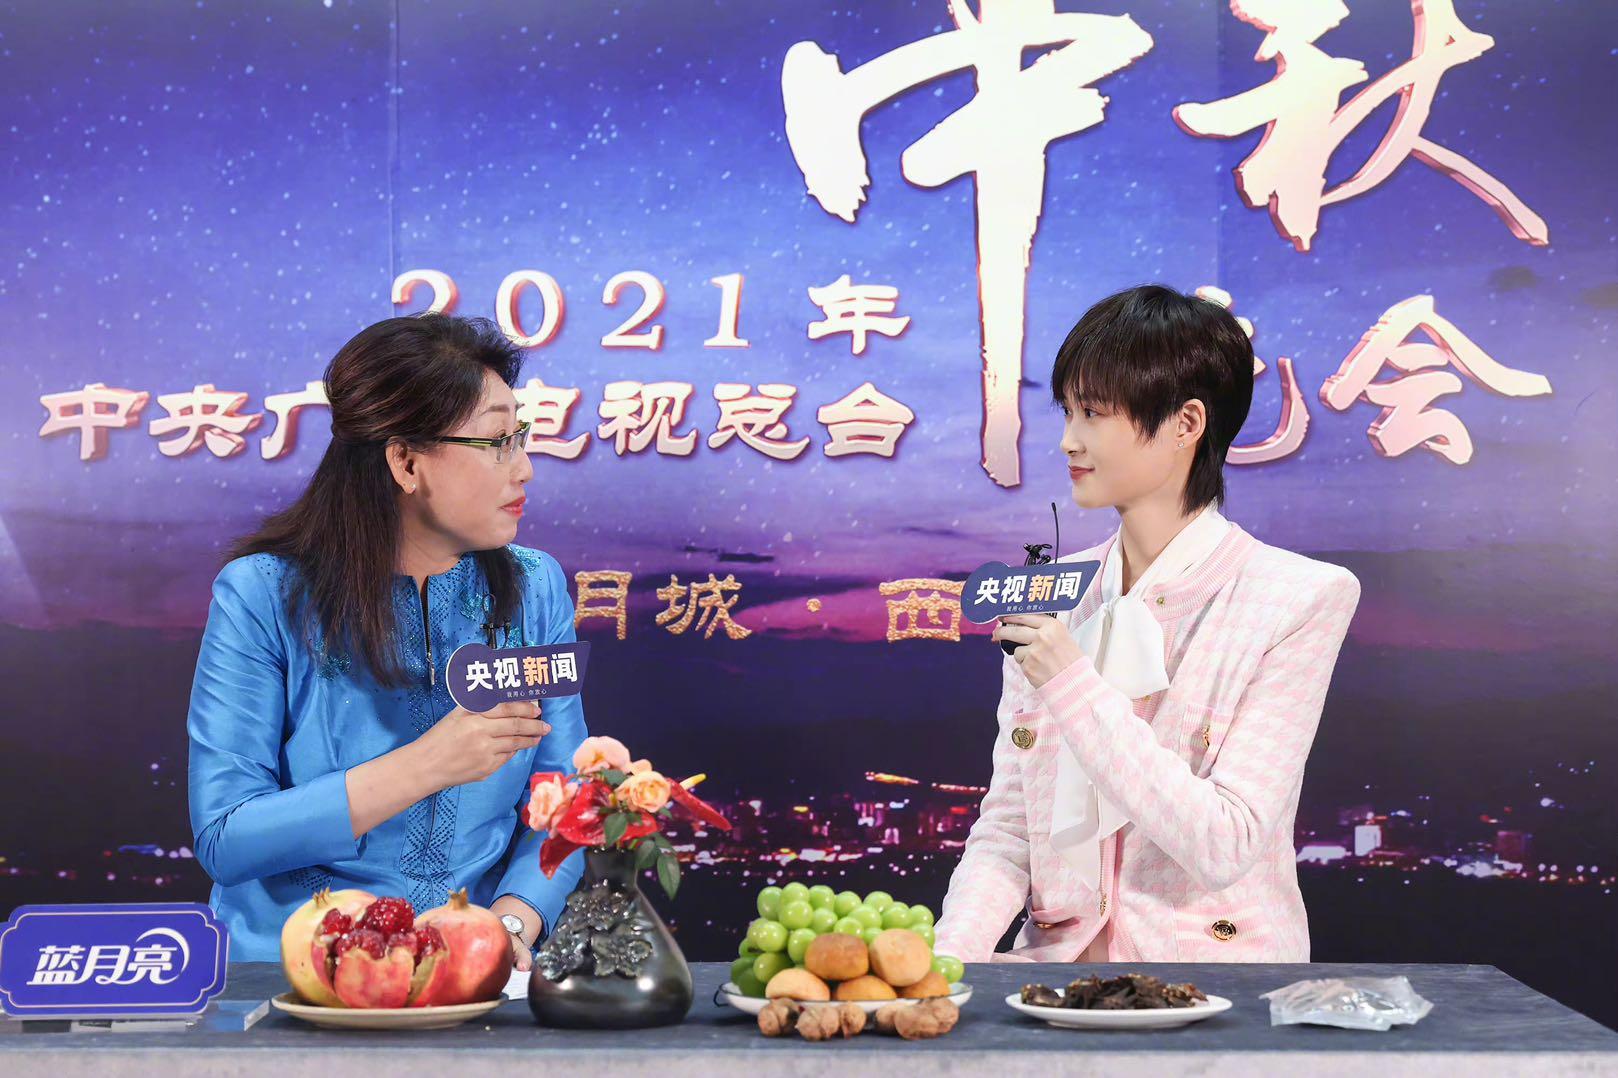 李宇春成为彝族孩子们新偶像 央视秋晚直播间讲述公益背后的故事